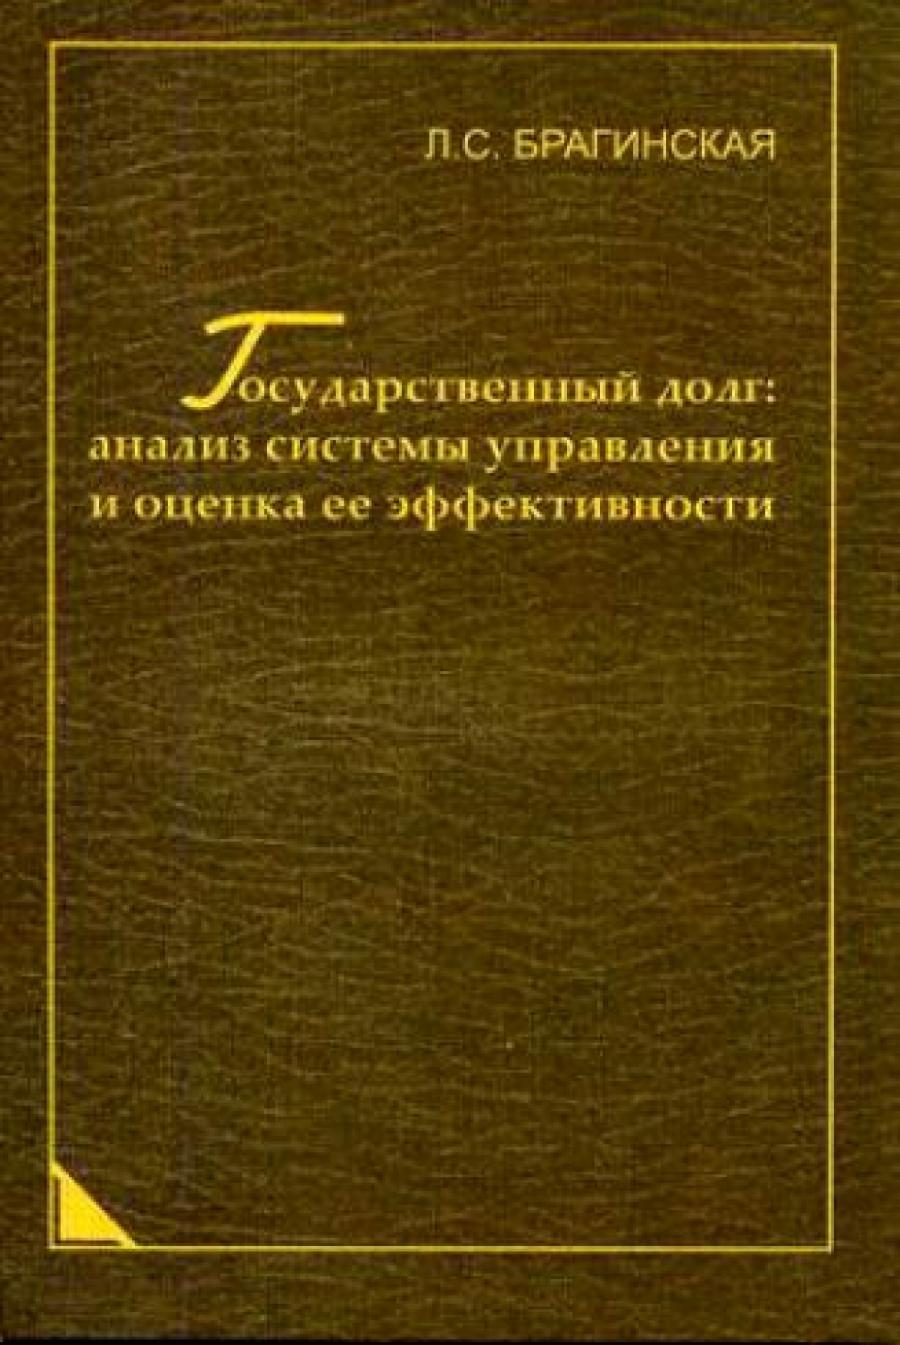 Обложка книги:  брагинская л.с. - государственный долг анализ системы управления и оценка ее эффективности